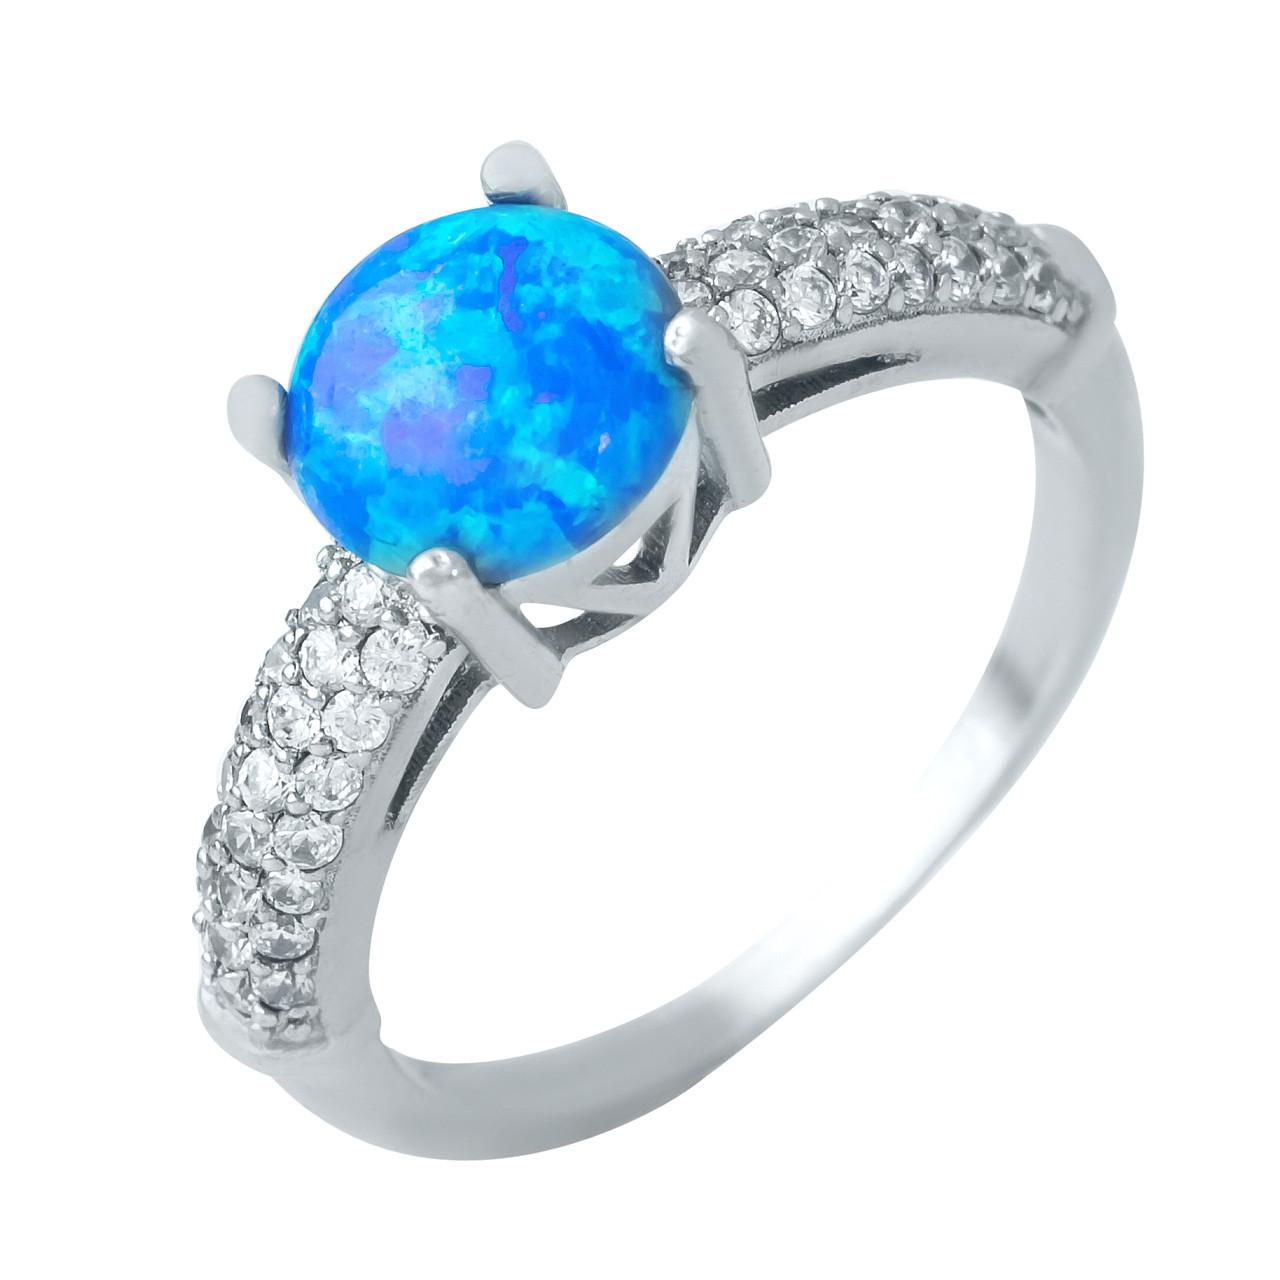 Родированное серебряное кольцо 925 пробы с опалом